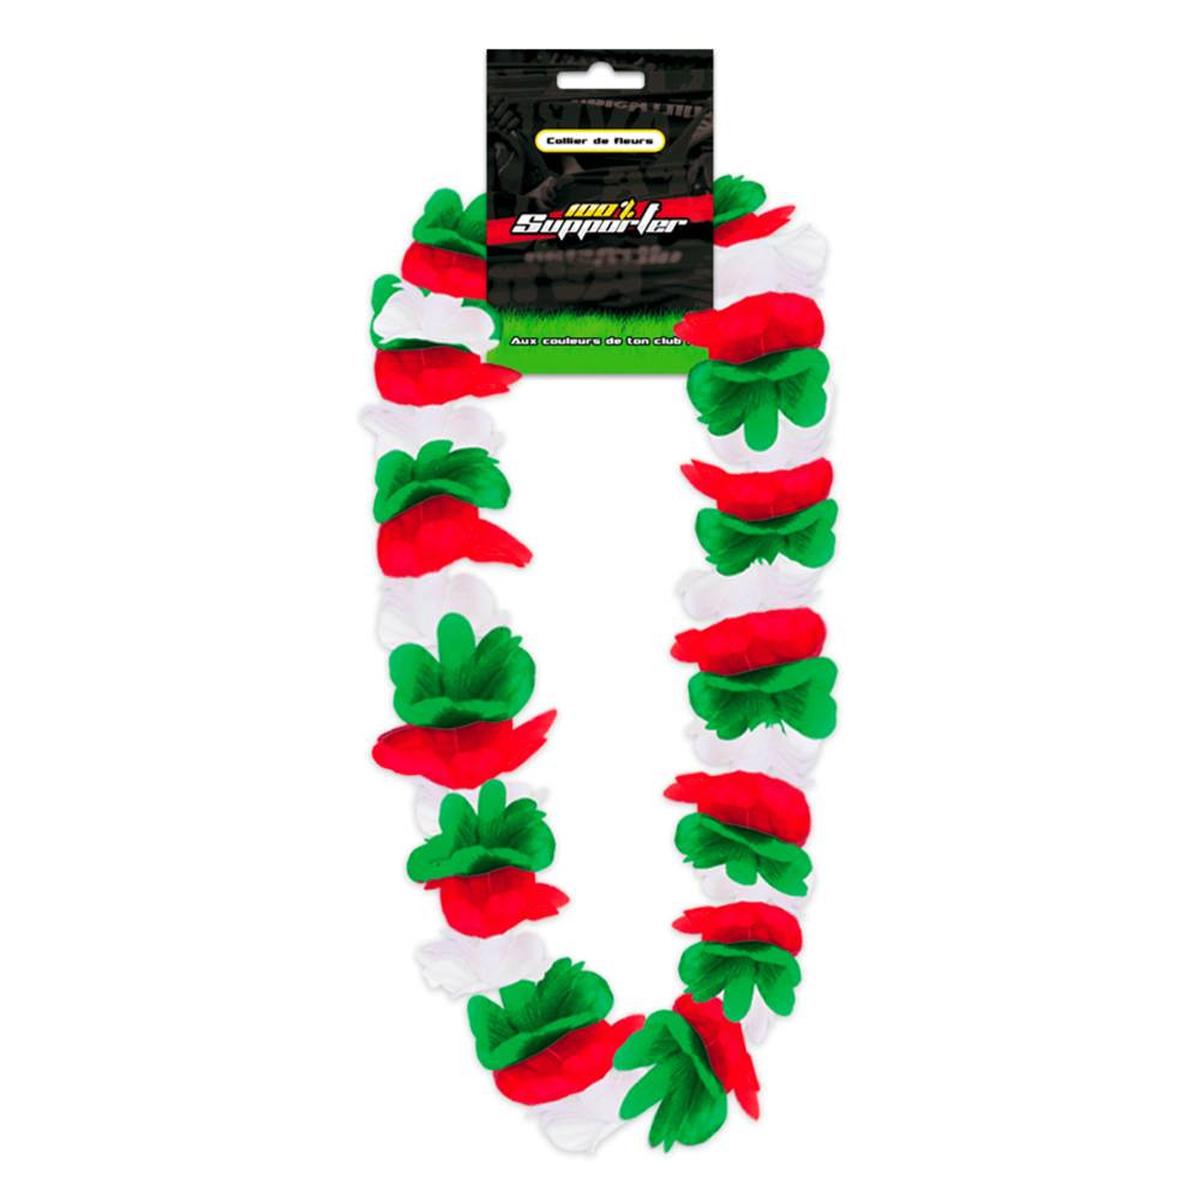 Collier de fleurs \'Coloriage\' vert rouge blanc (supporter) - 50 cm - [Q7180]